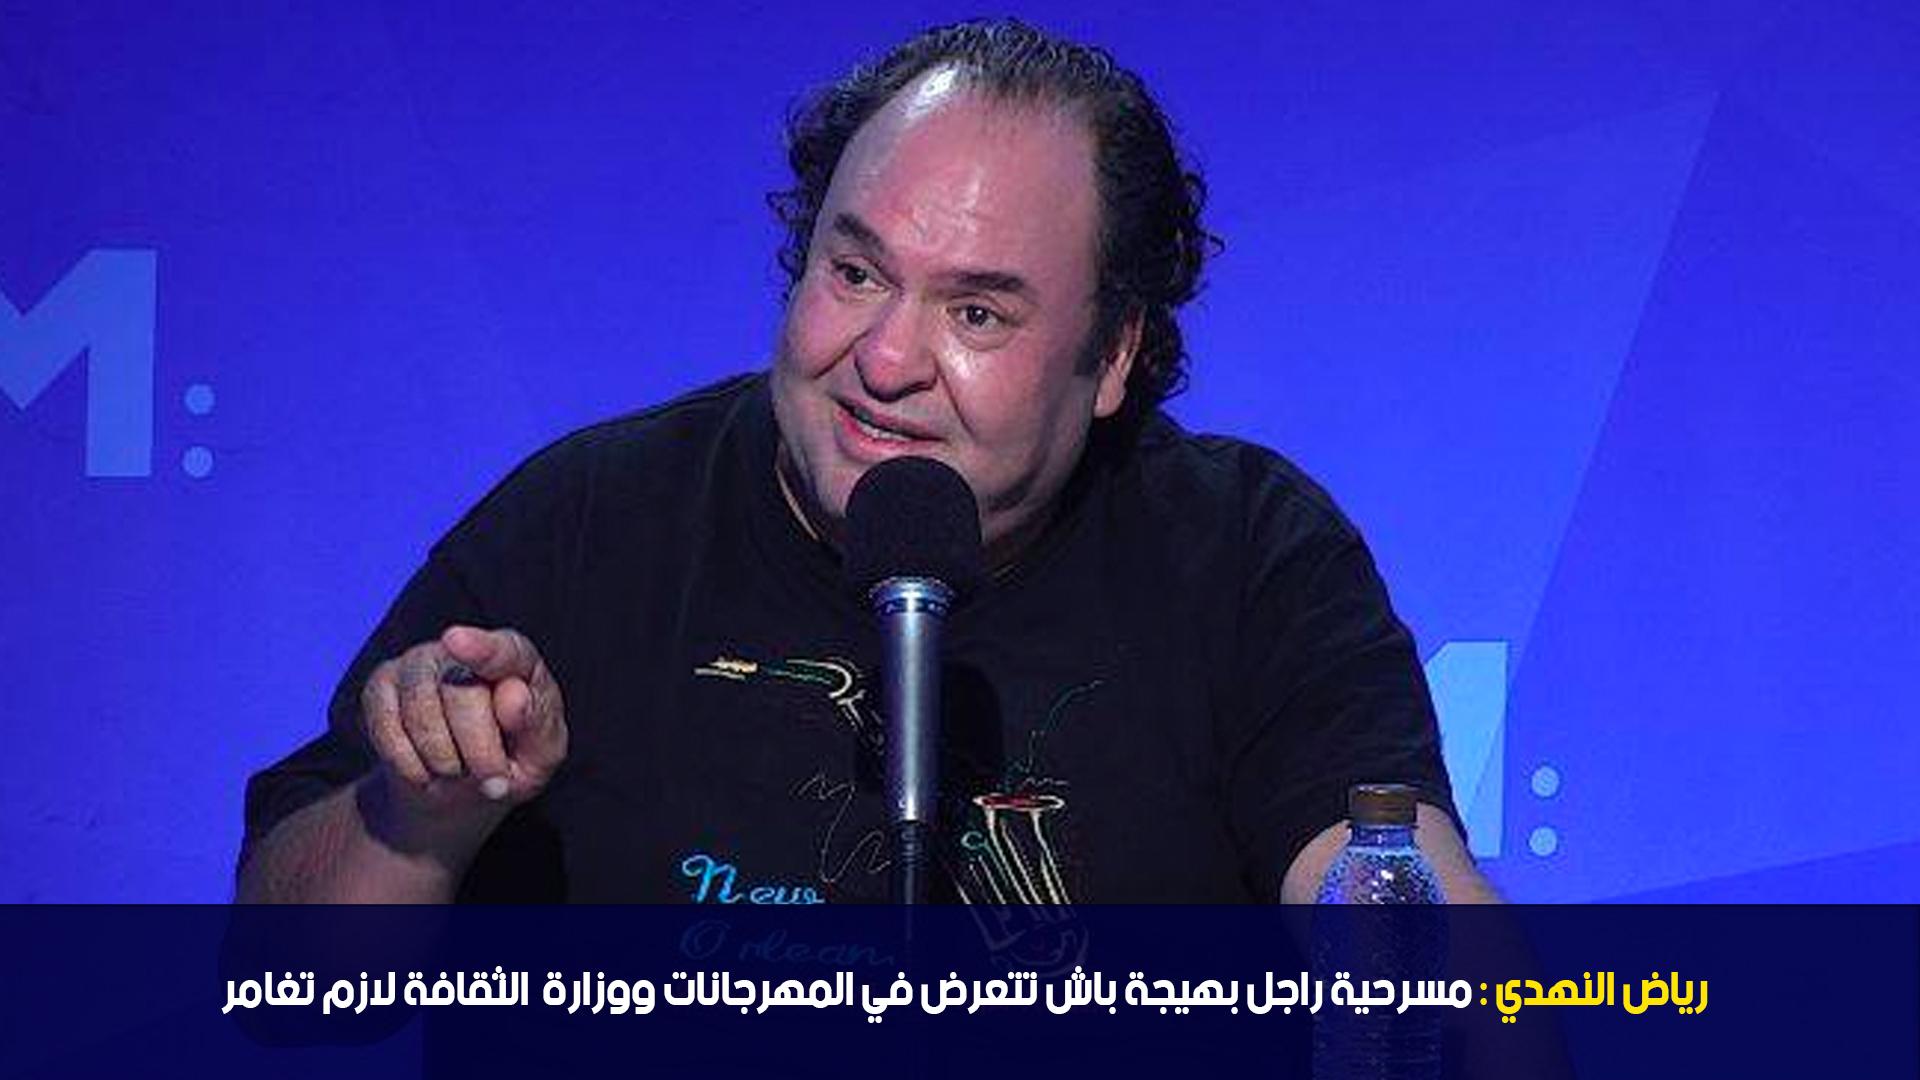 رياض النهدي:مسرحية راجل بهيجة باش تتعرض في المهرجانات ووزارة الثقافة لازم تغامر